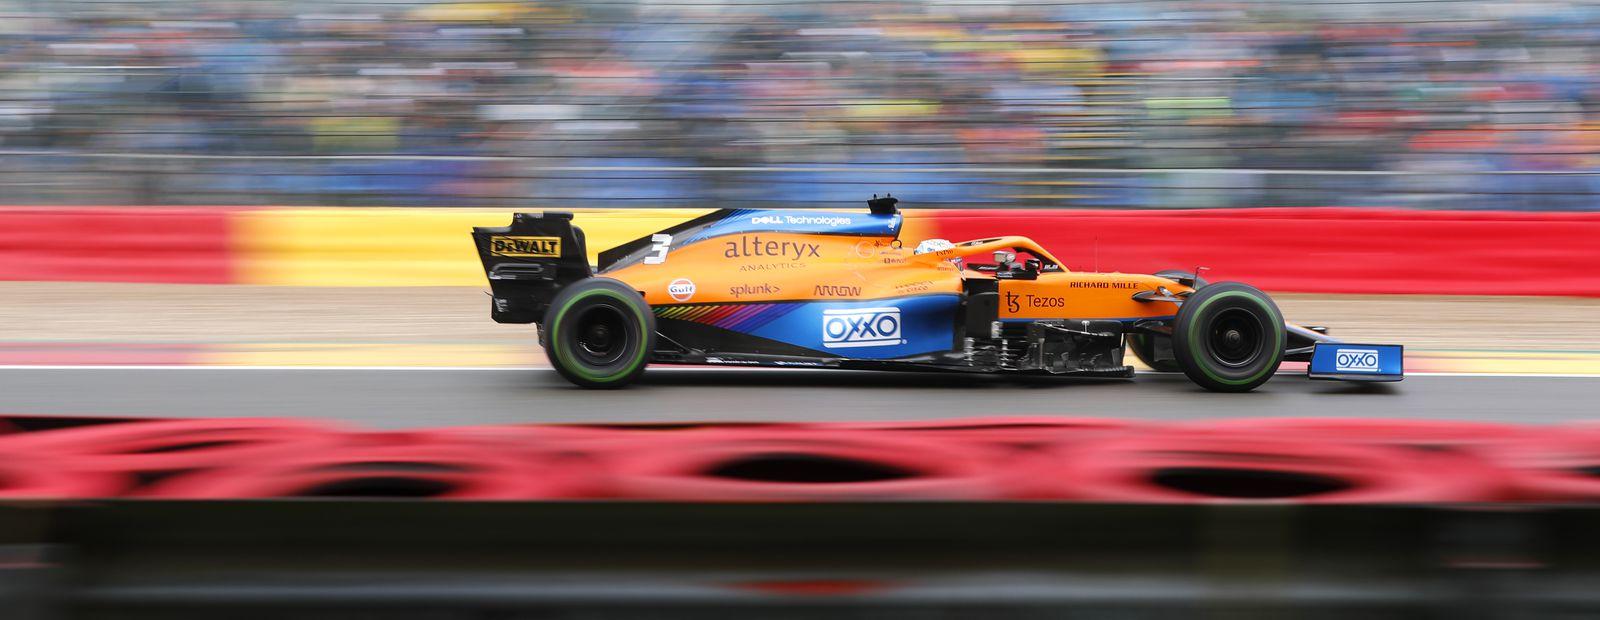 2021 Belgian Grand Prix – Qualifying